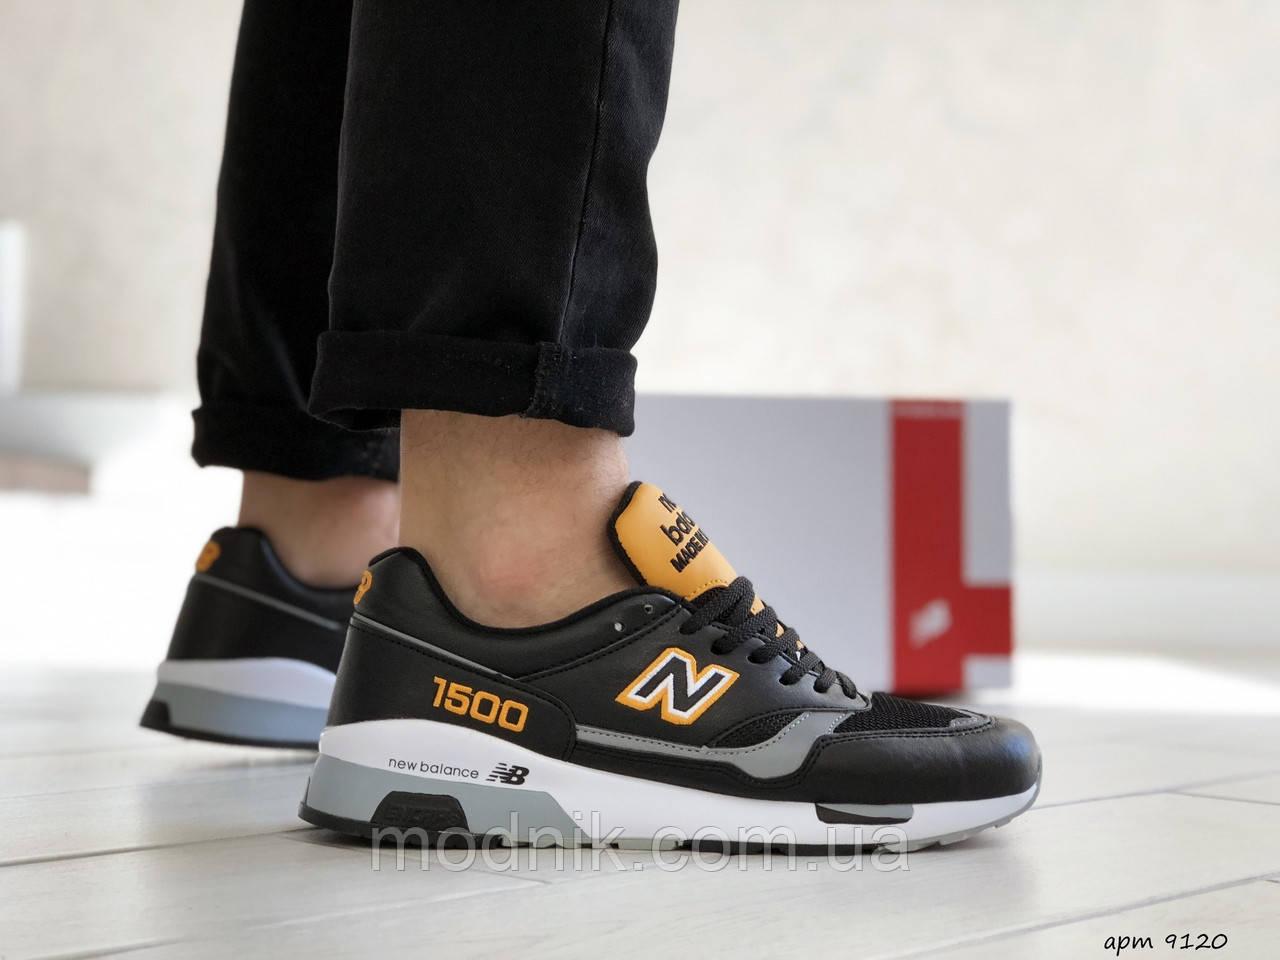 Мужские кроссовки New Balance 1500 ВЕЛИКОБРИТАНИЯ (черно-белые с желтым) 9120